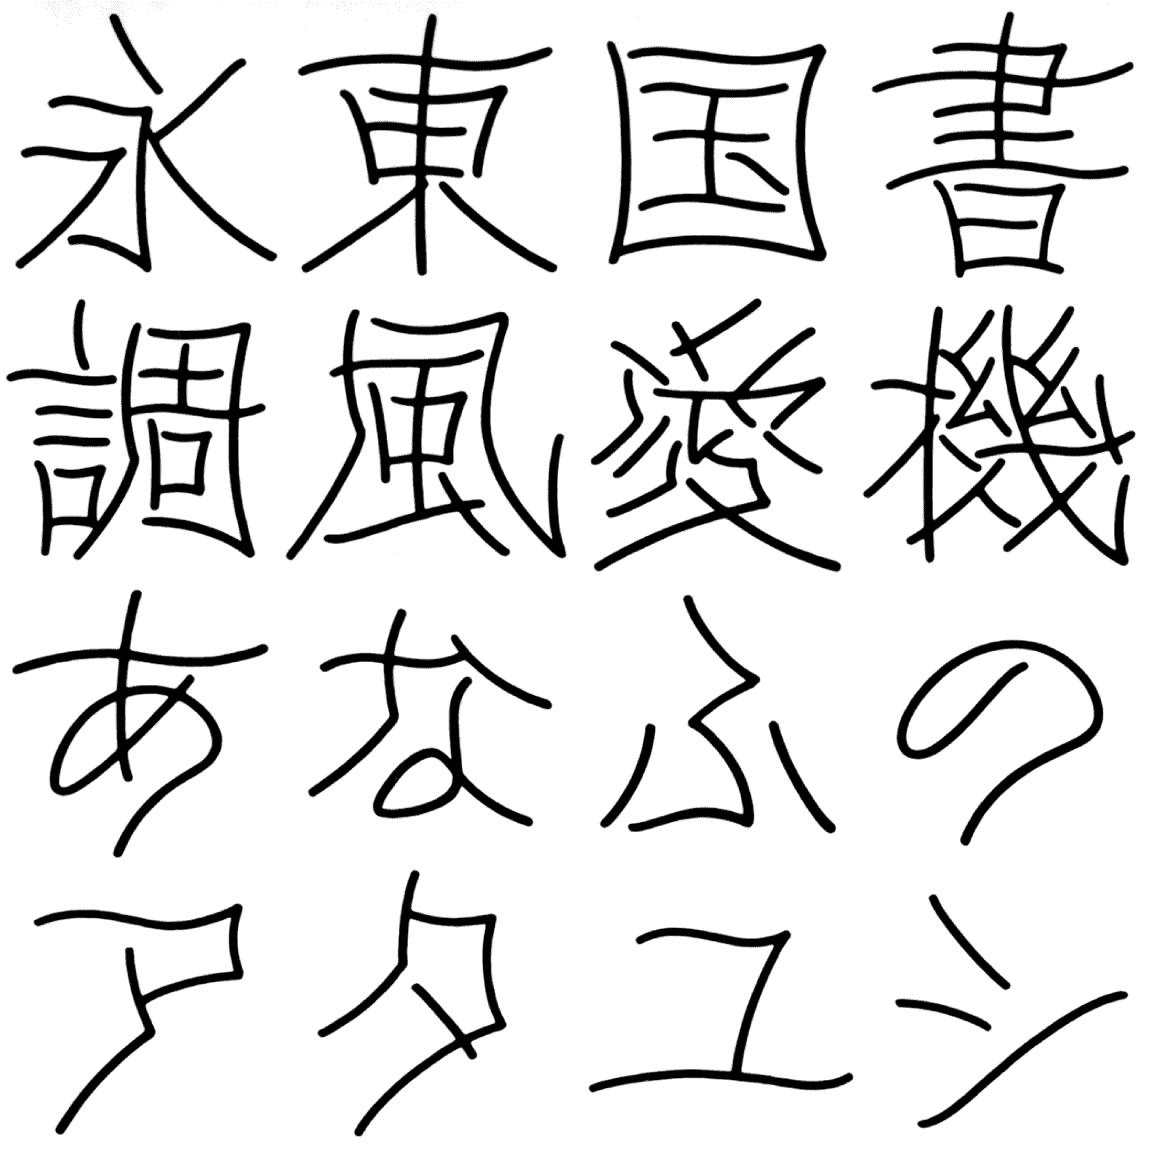 ウメール LUMR 字形見本